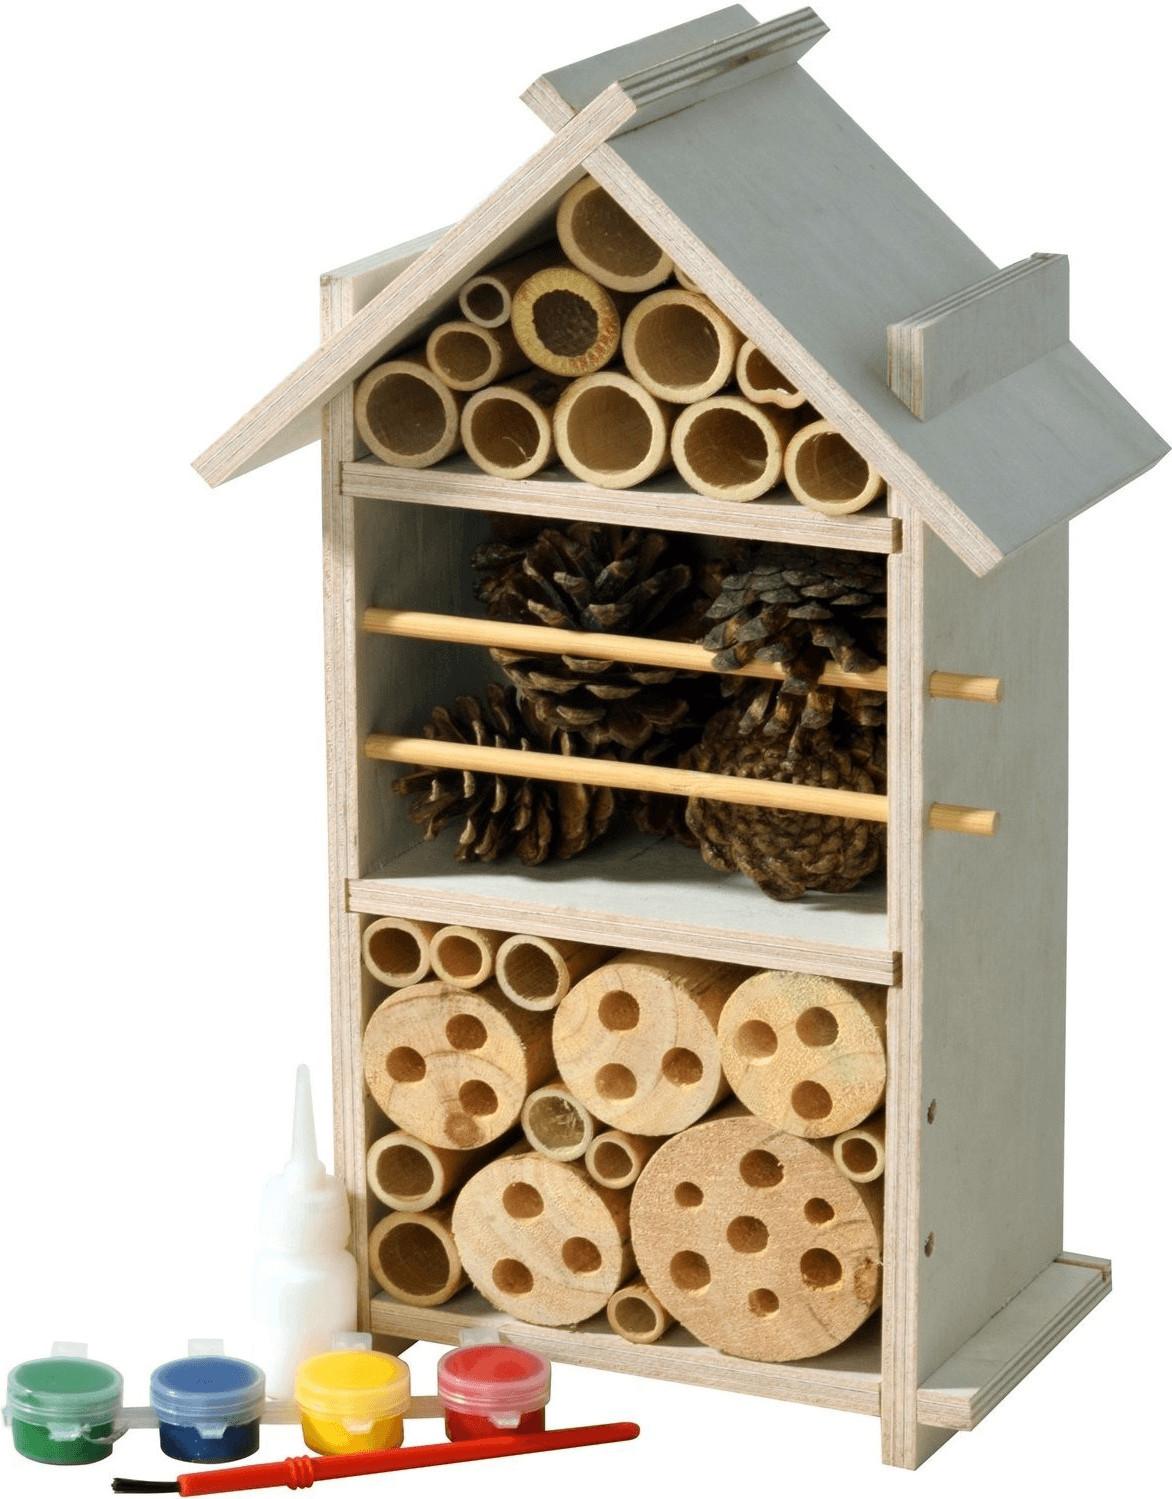 Luxus-Insektenhotels Insektenhotel-Bausatz für Kinder (22369FSC)